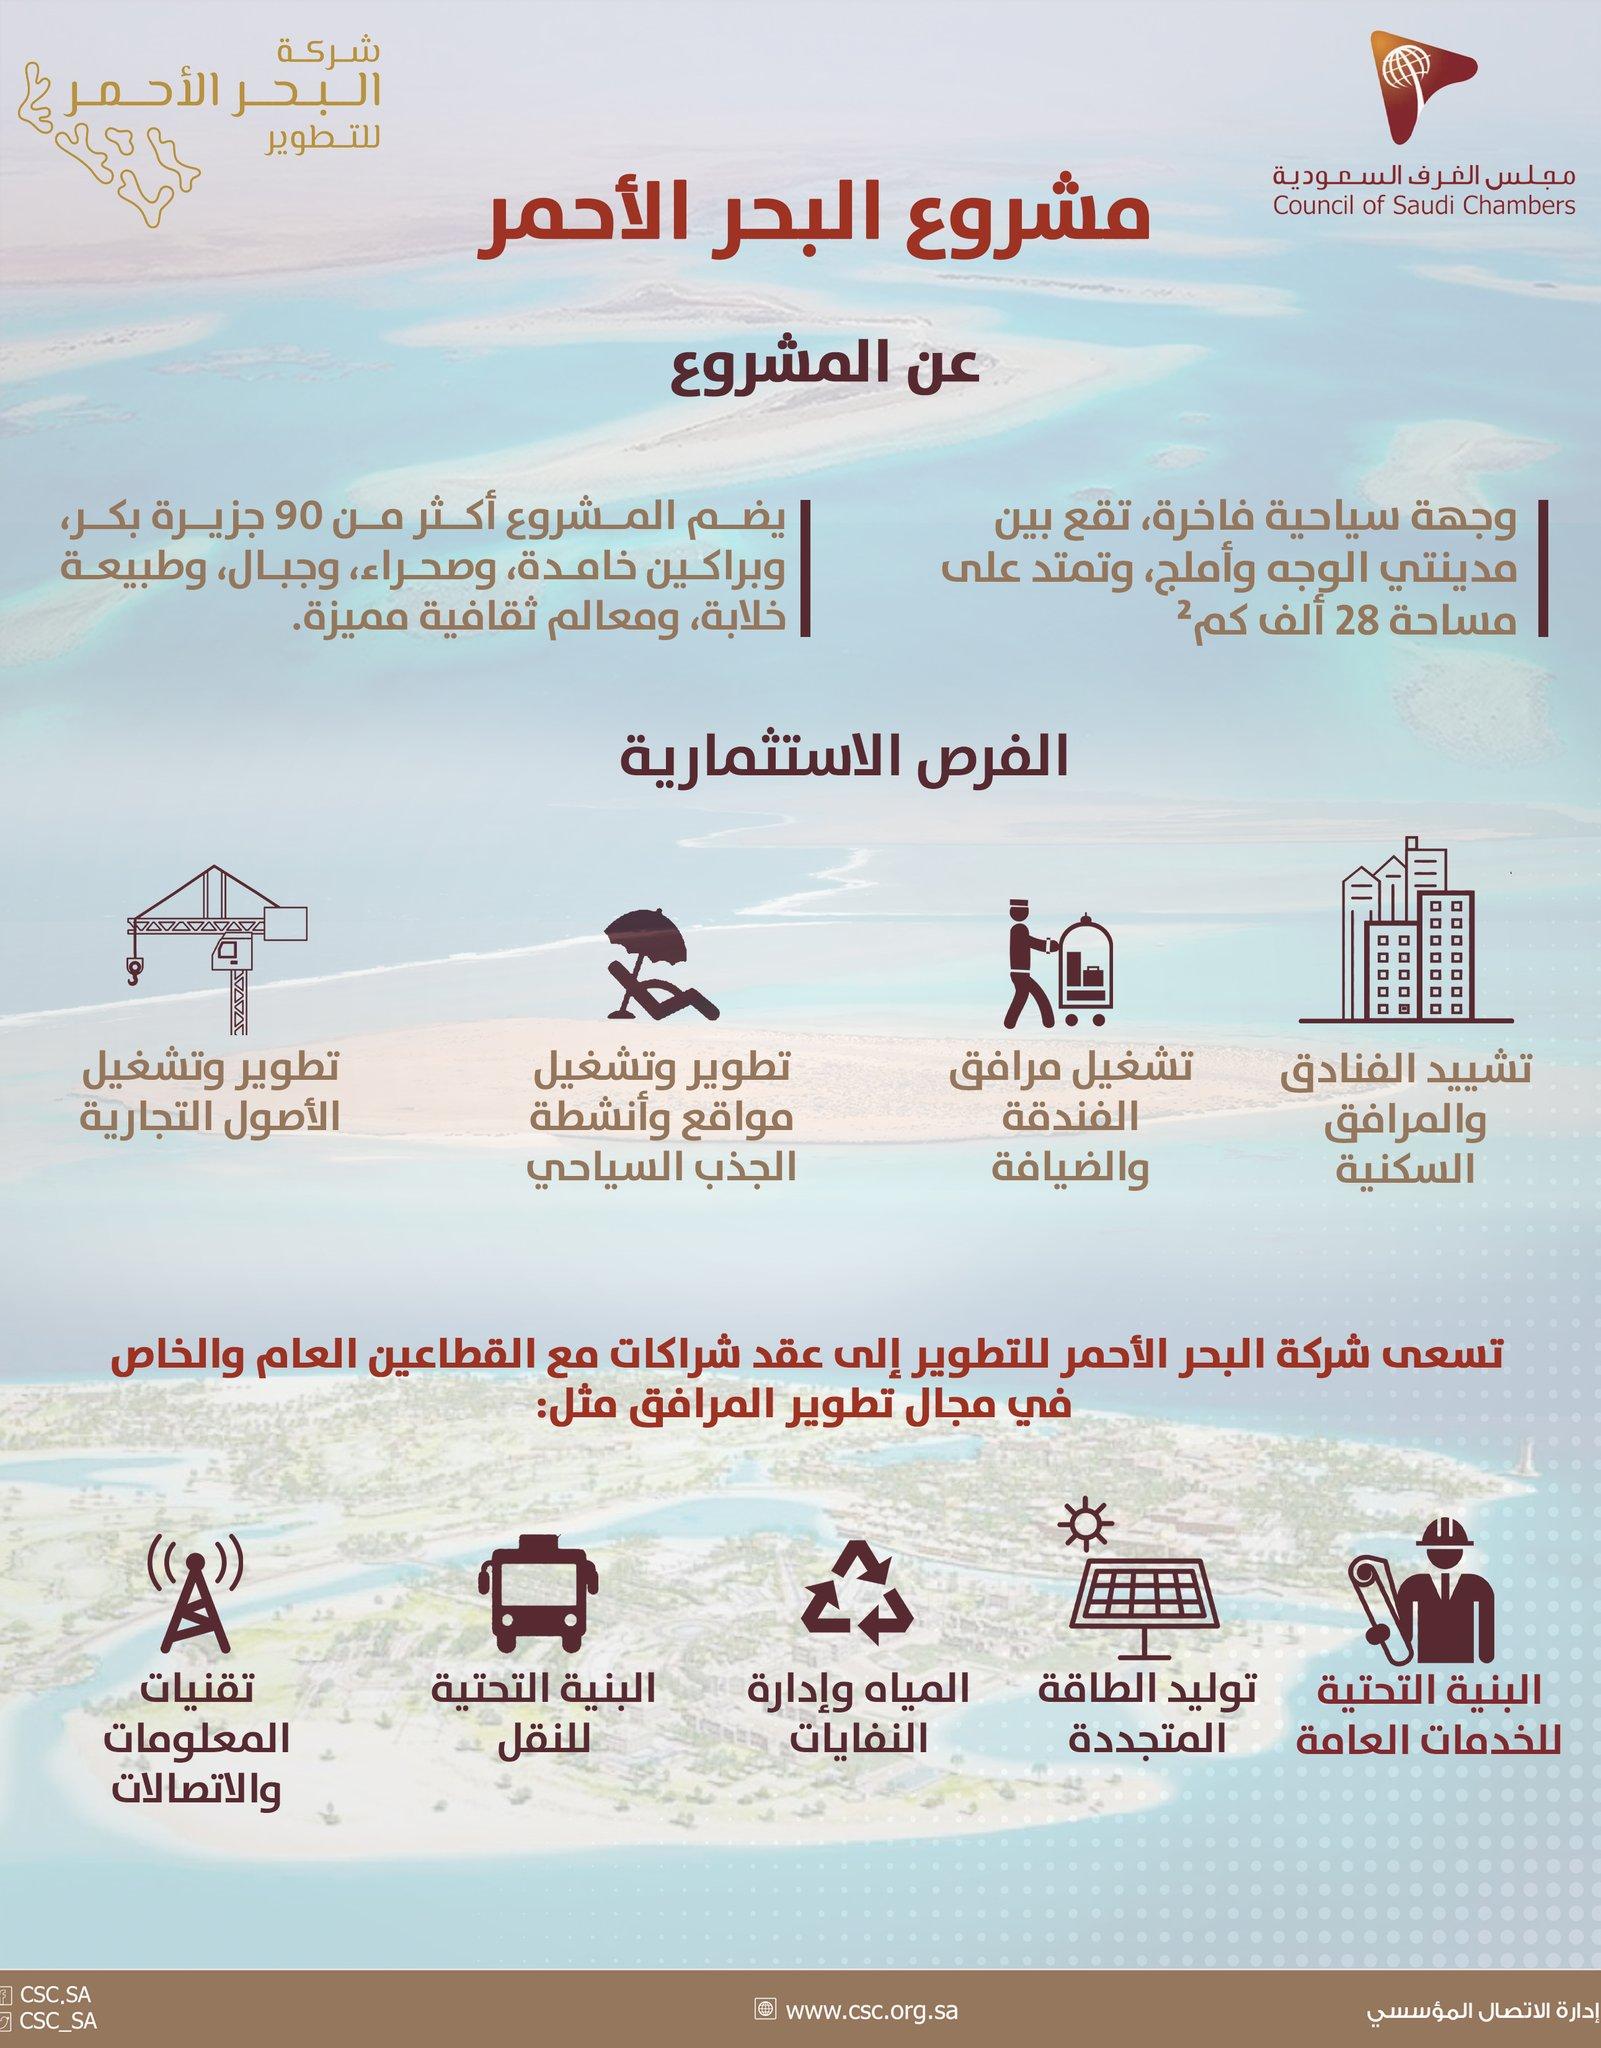 مشروع البحر الأحمر..وجهة سياحية عالمية سعودية